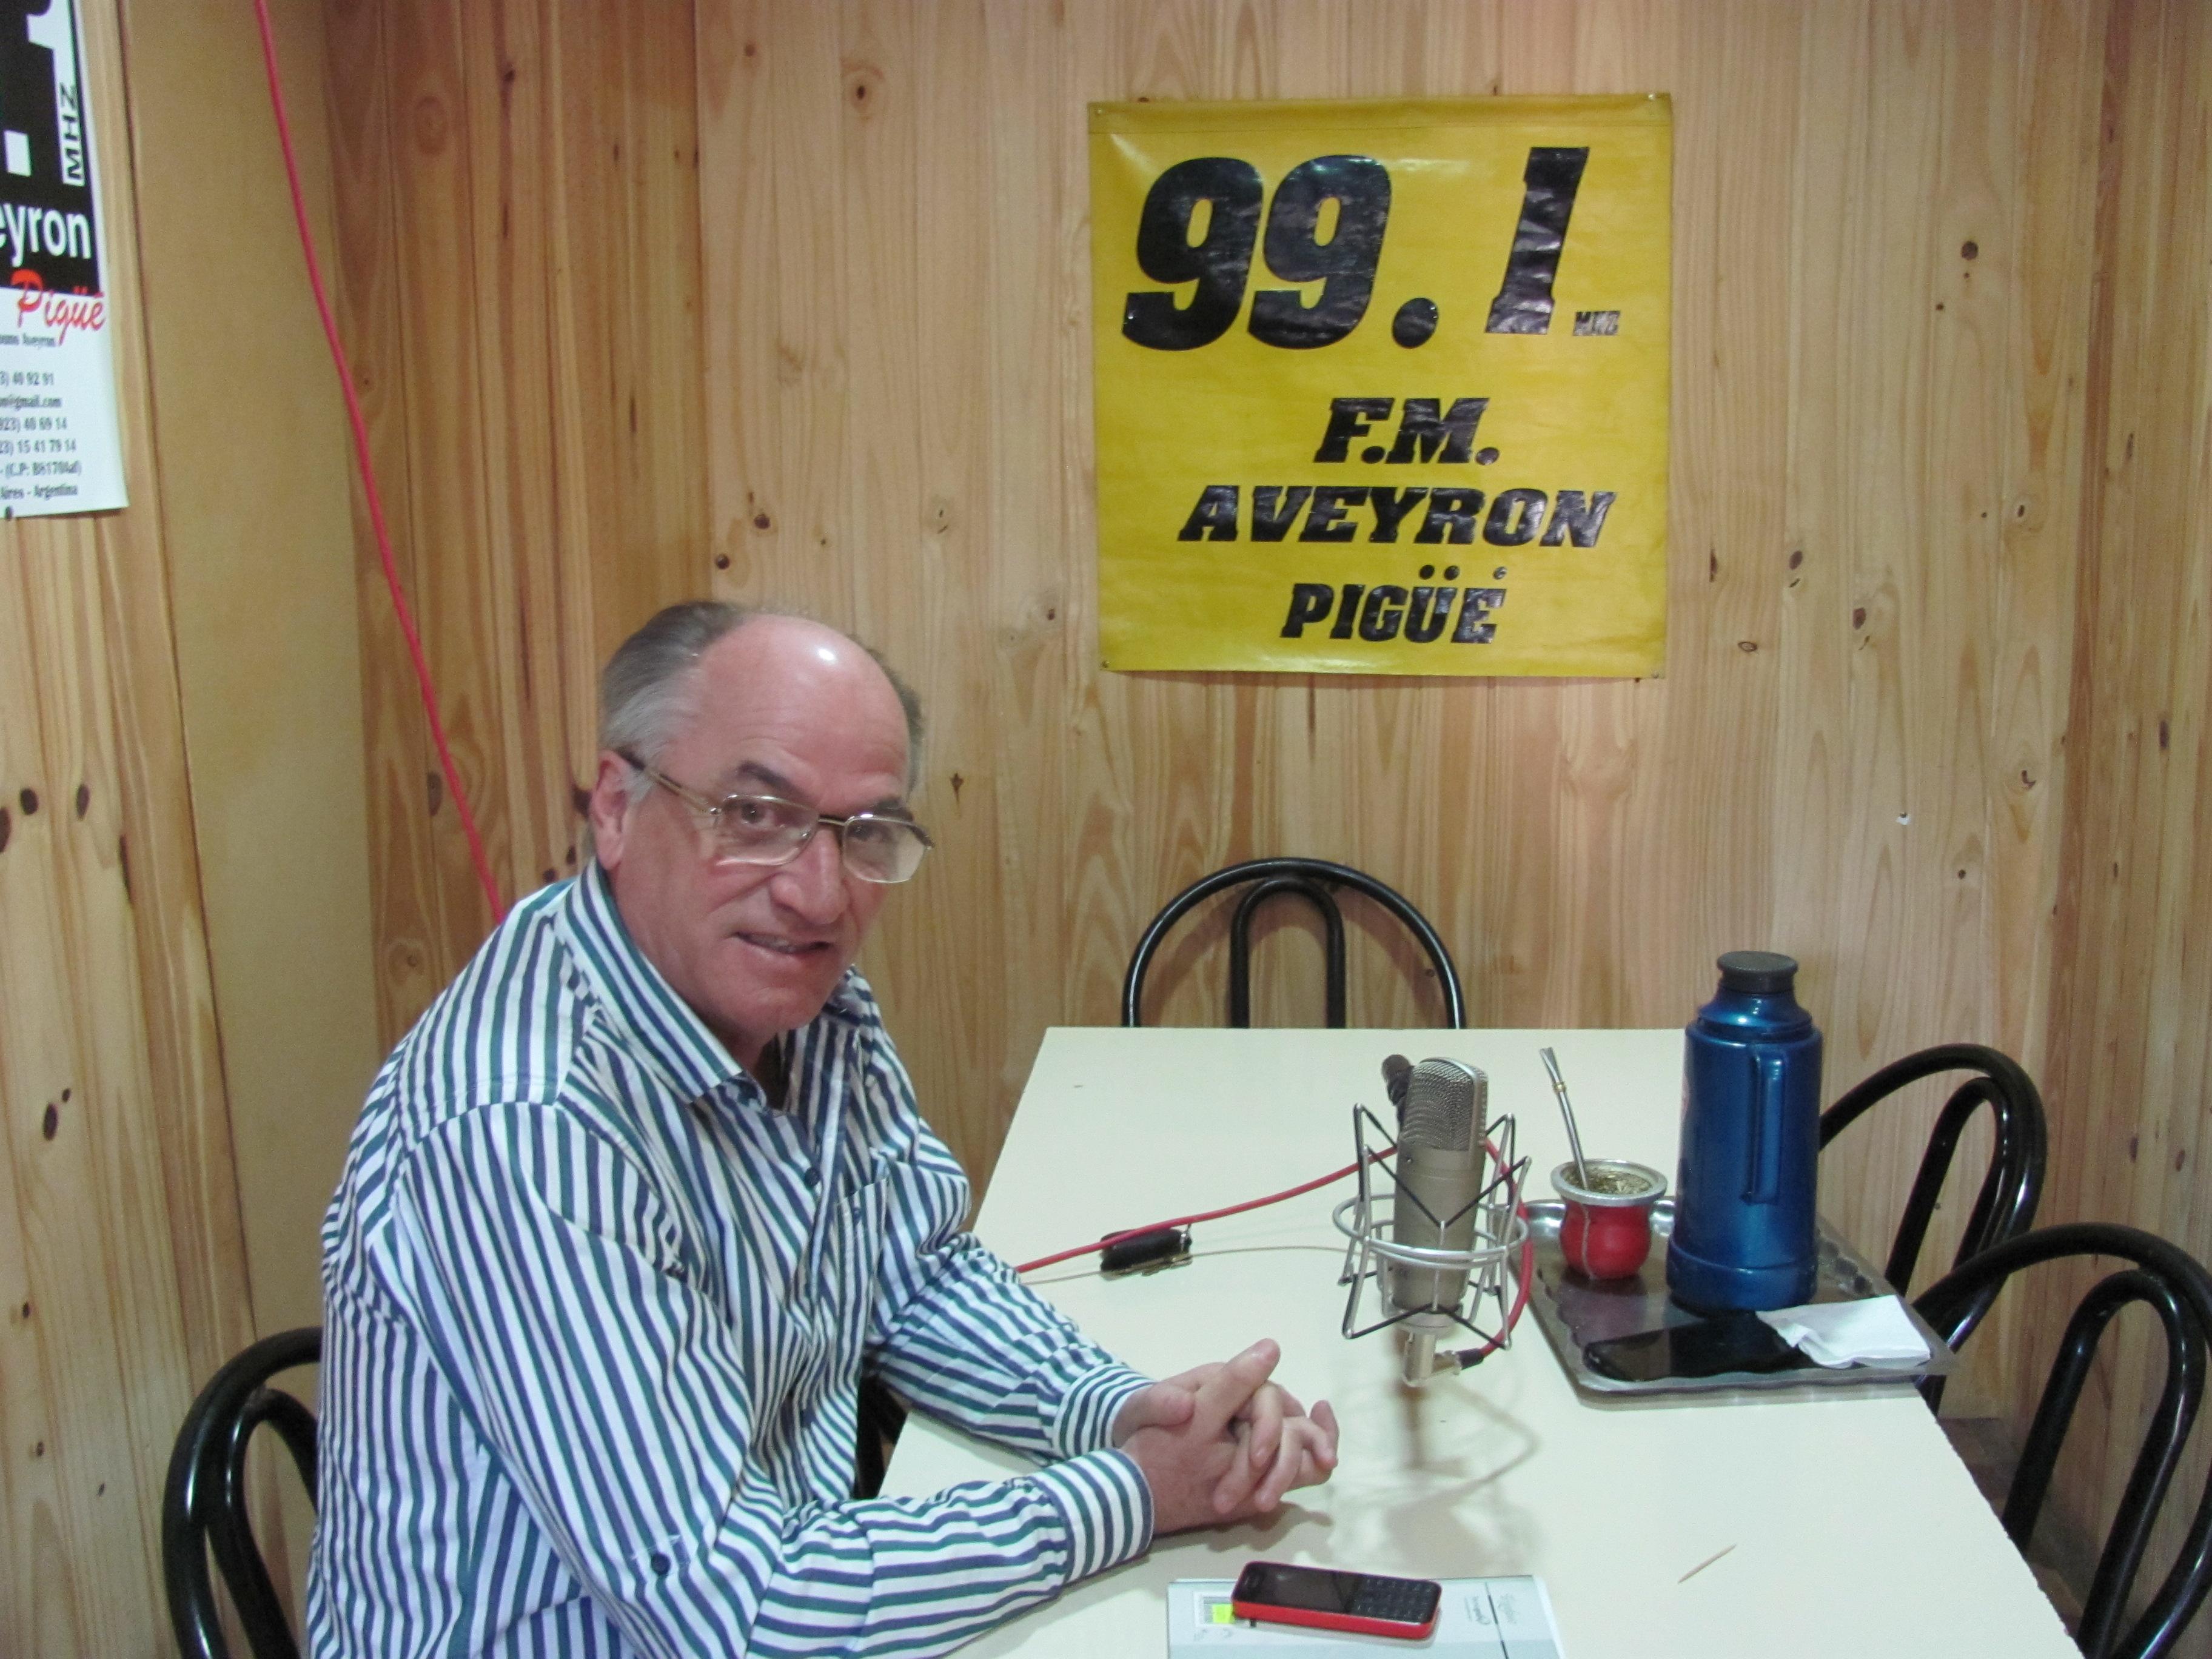 """REPORTAJE EXCLUSIVO A RUBEN GRENADA en """" La Brujula Electoral 99.1 FM Aveyron """""""